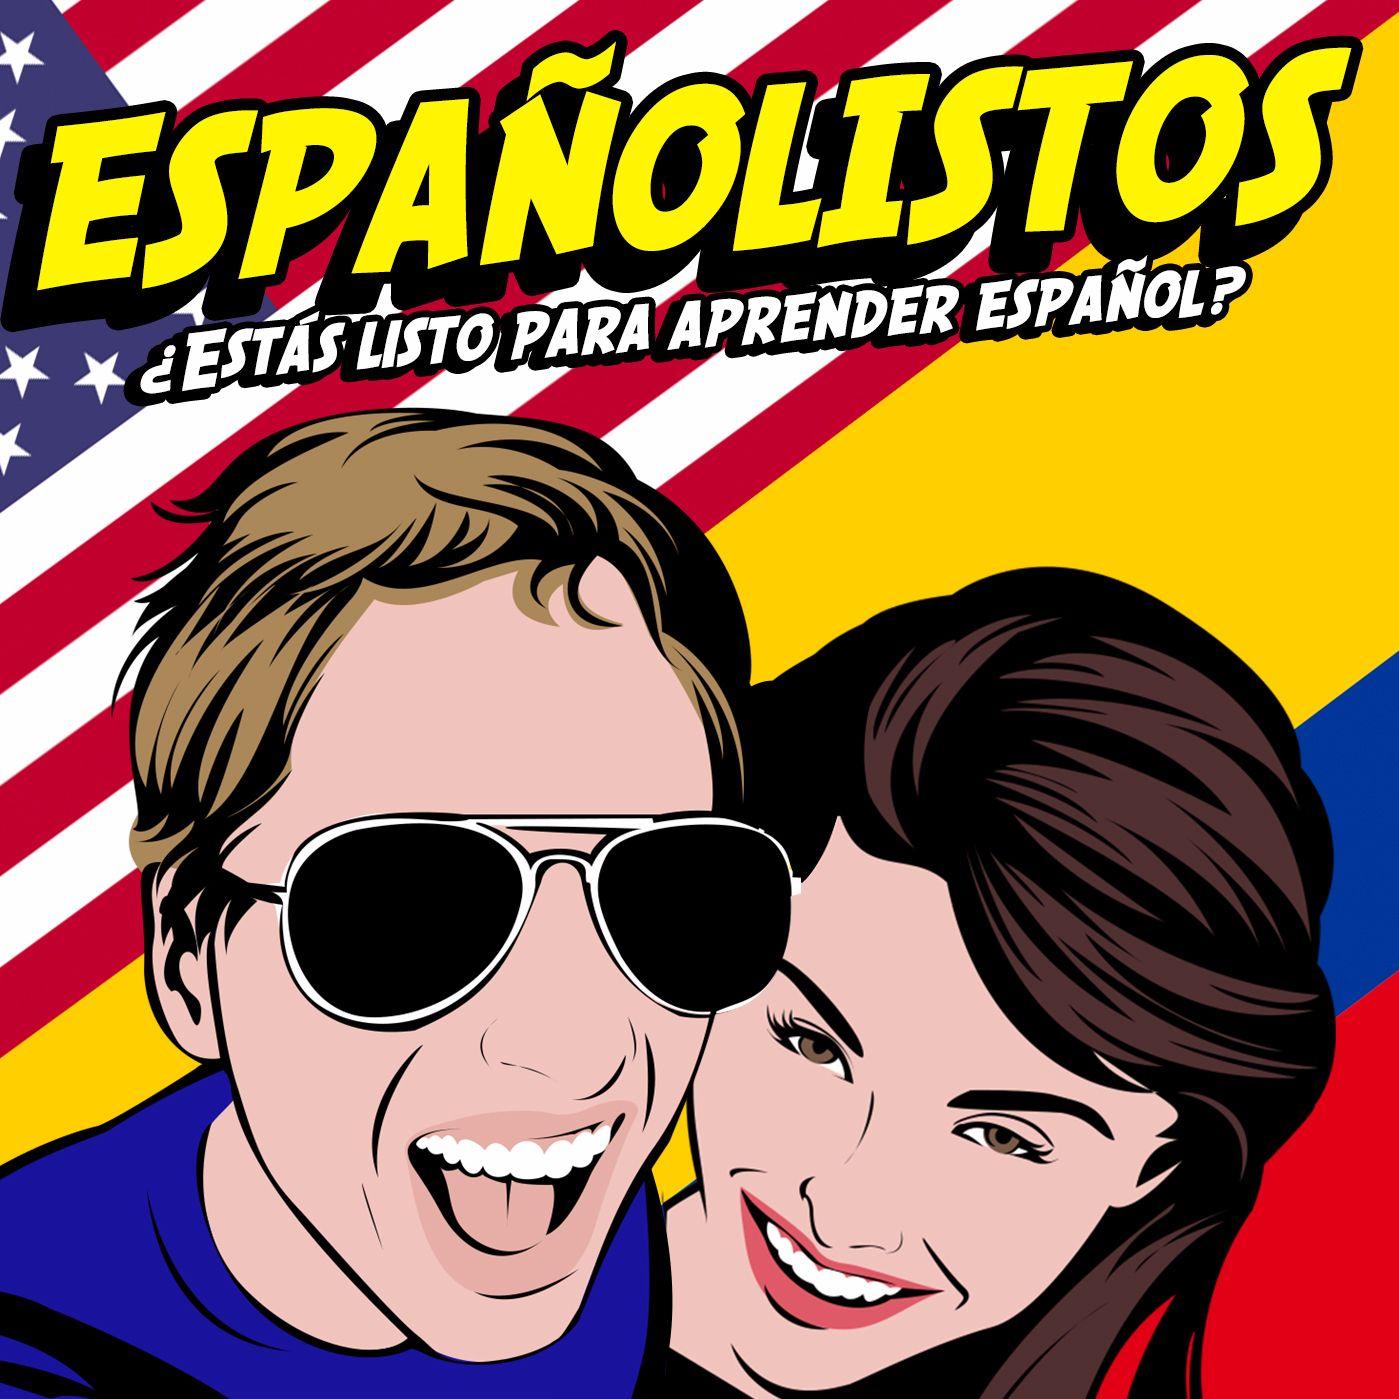 Episodio 066 - Todo Sobre Podcasts - Como Empezamos Españolistos y Nuevo Spanishland School Podcast